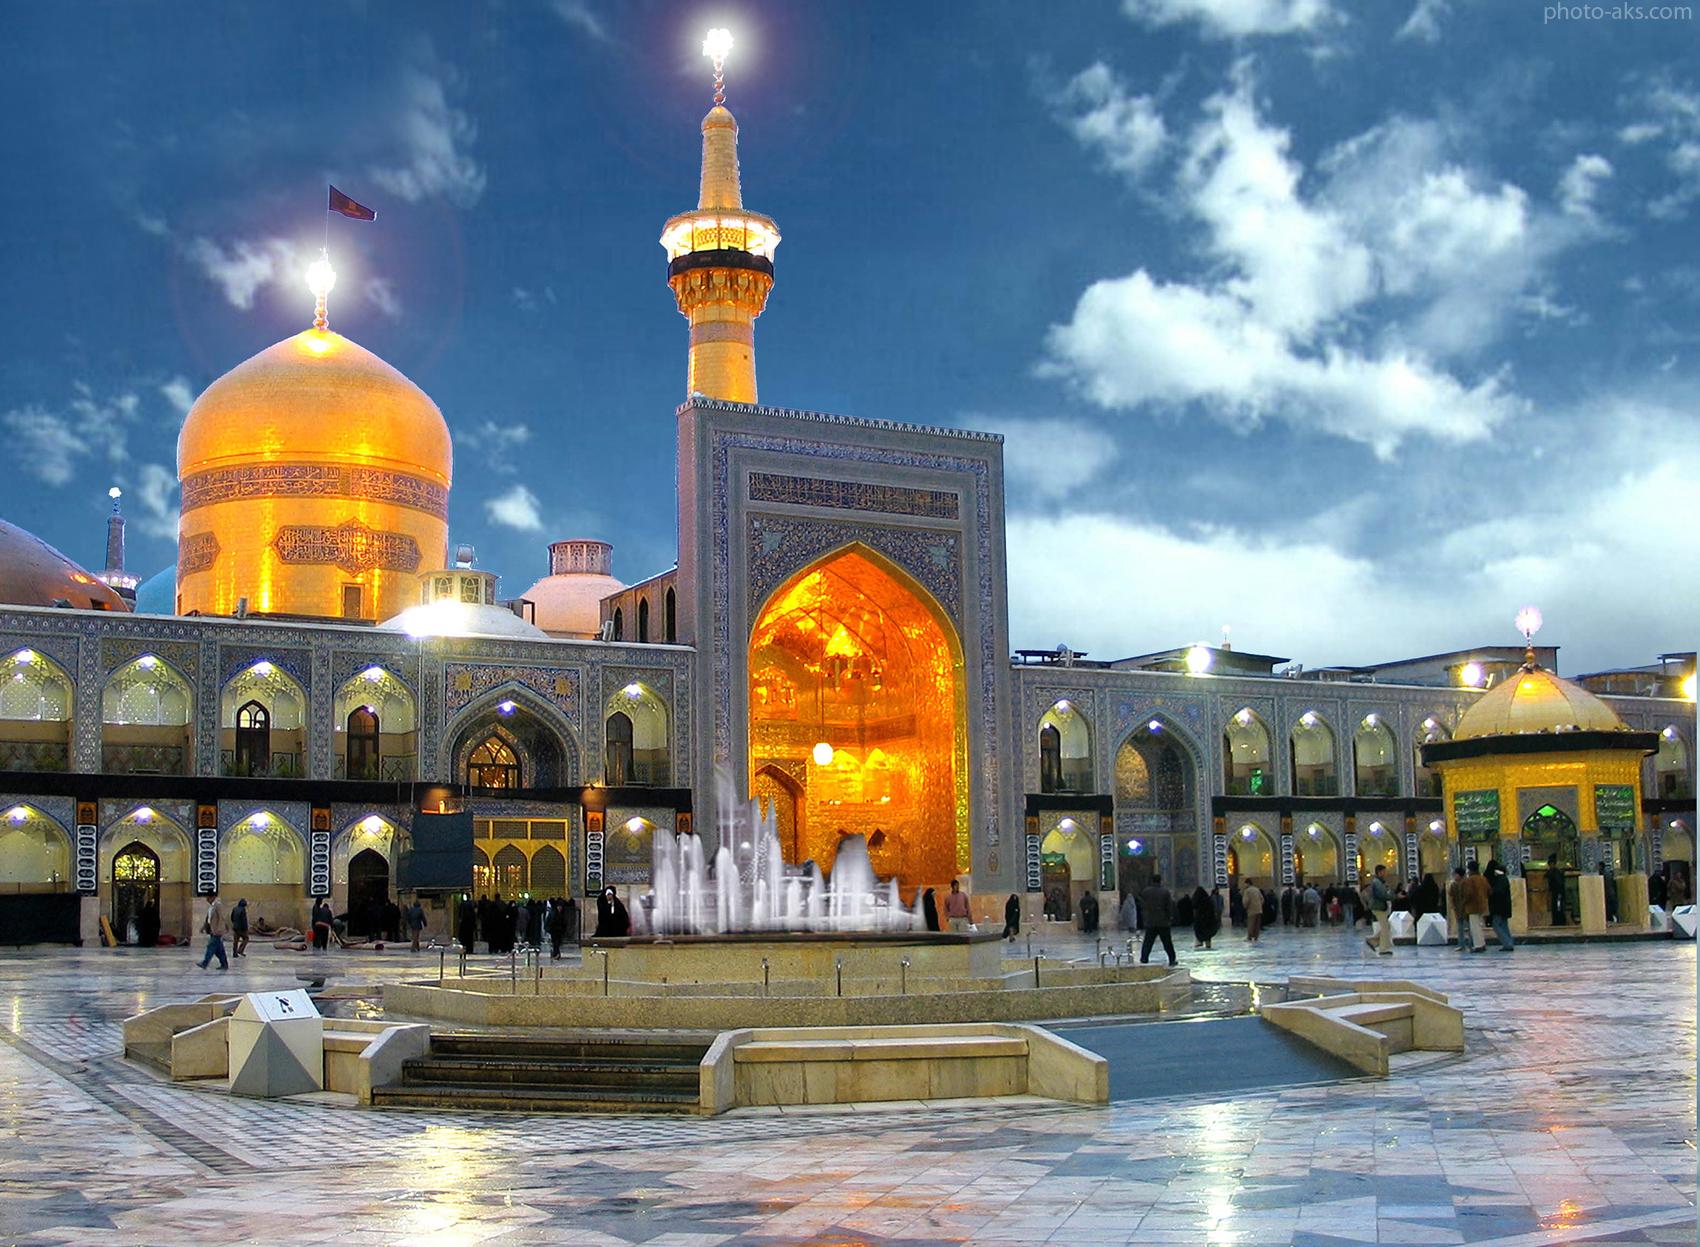 تور ۳ شب  مشهد بهمن ماه ۹۷